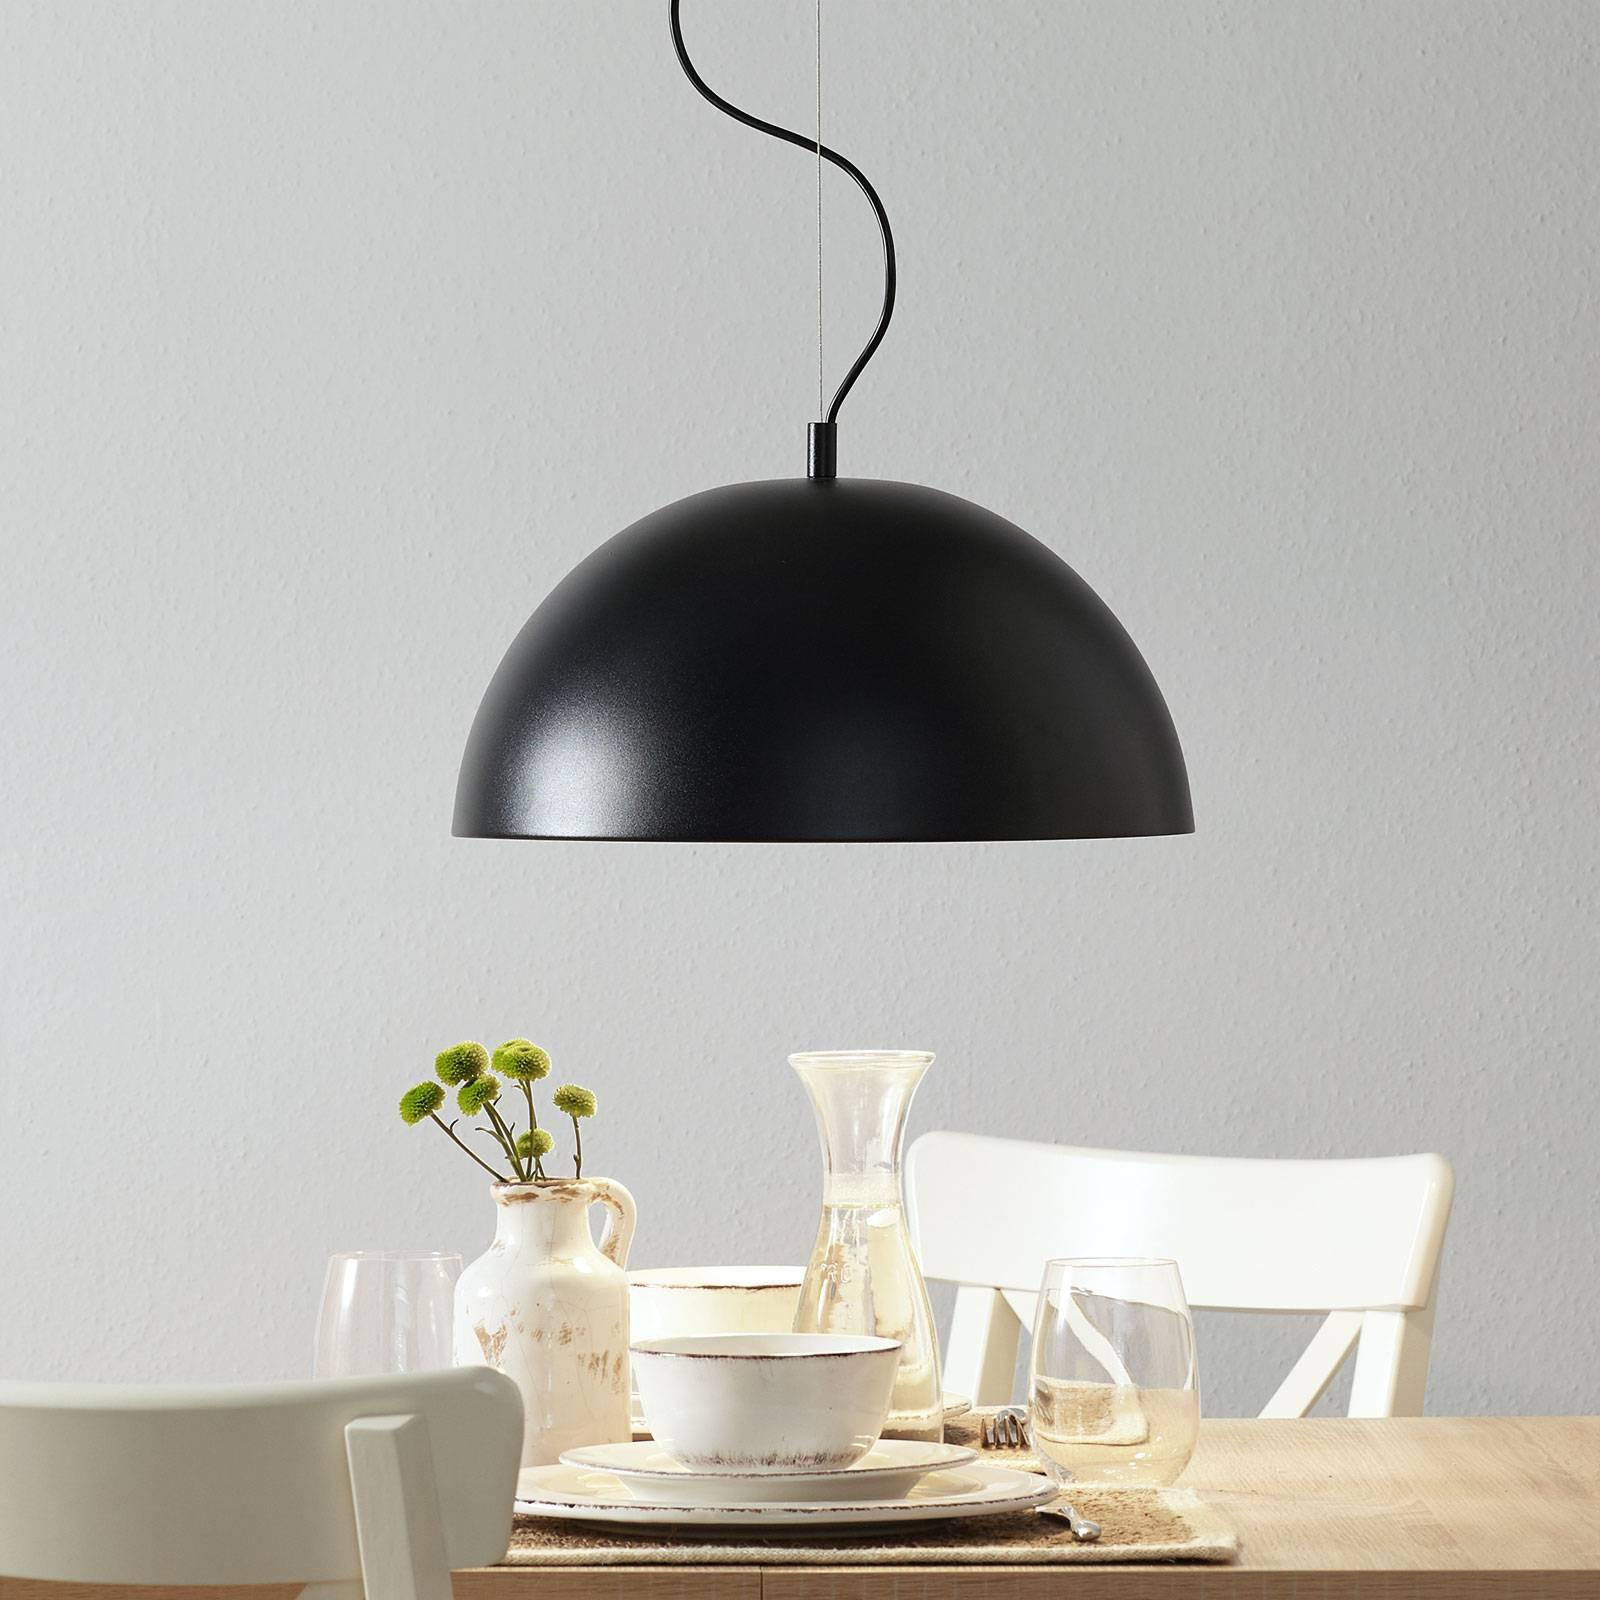 Lucande Phelan hanglamp 40cm zwart-goud